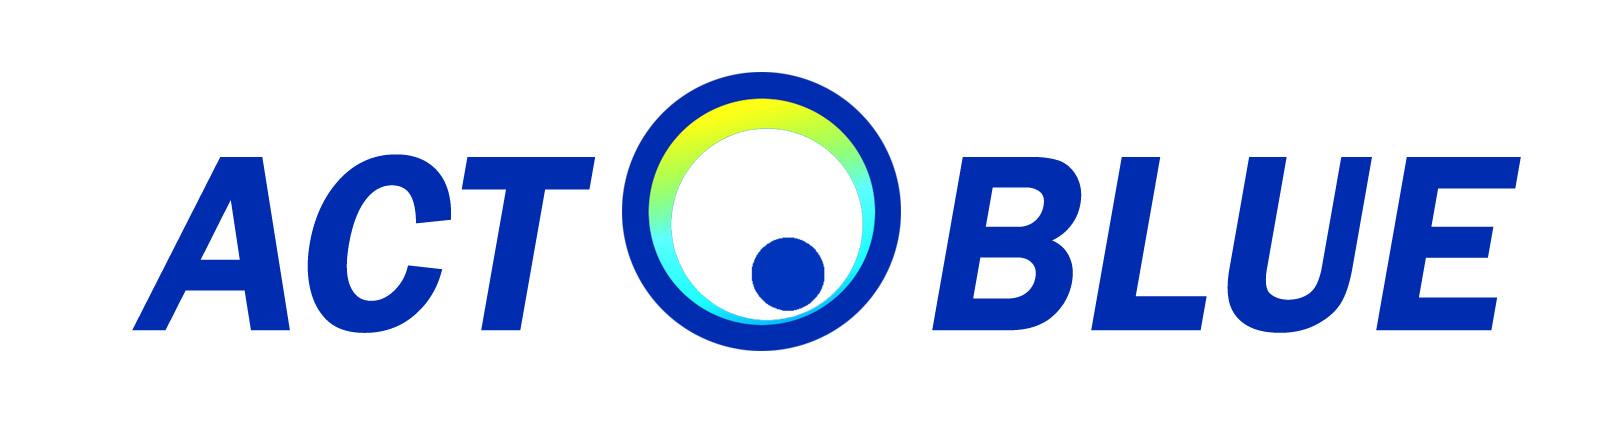 安徽艾可蓝环保股份有限公司